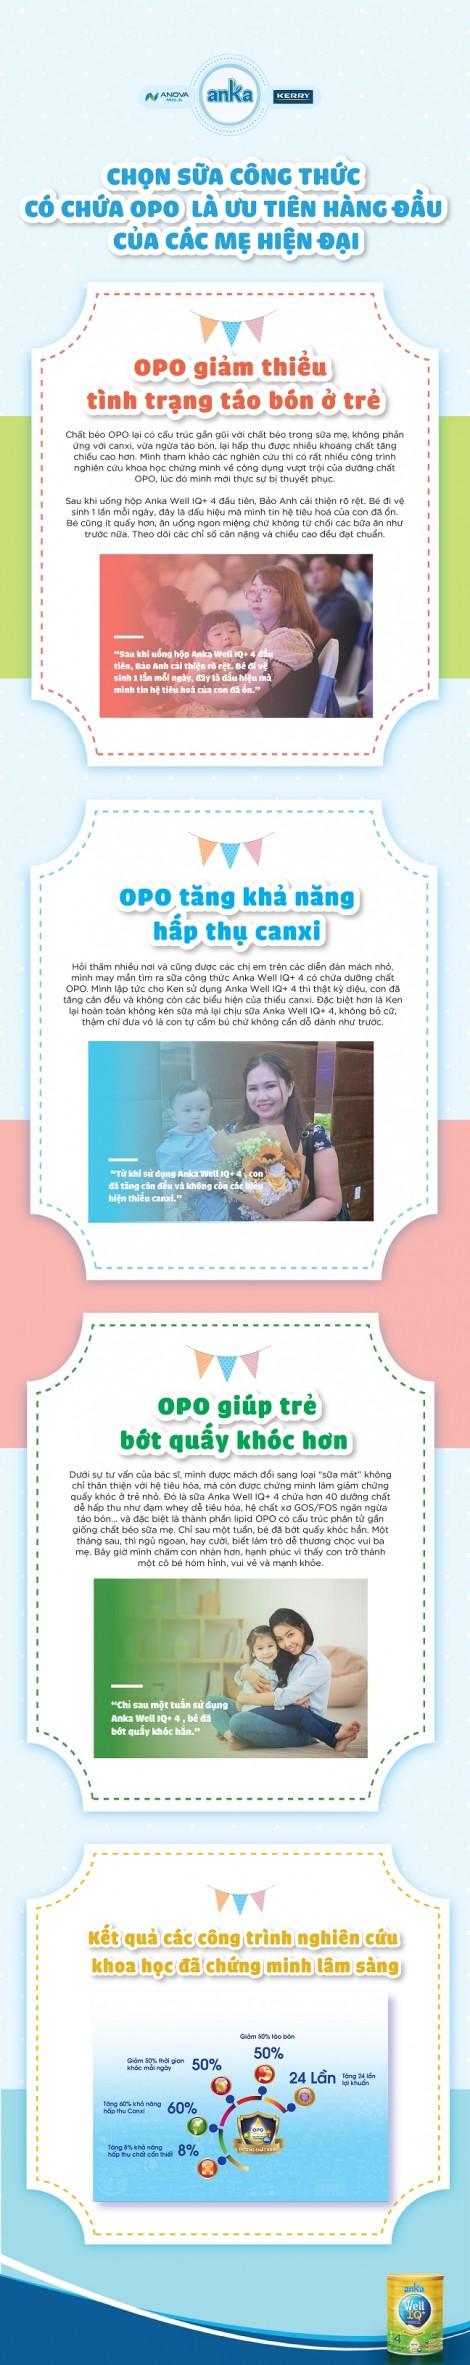 Tại sao dưỡng chất OPO trở thành tiêu chí để các mẹ chọn sữa cho con?